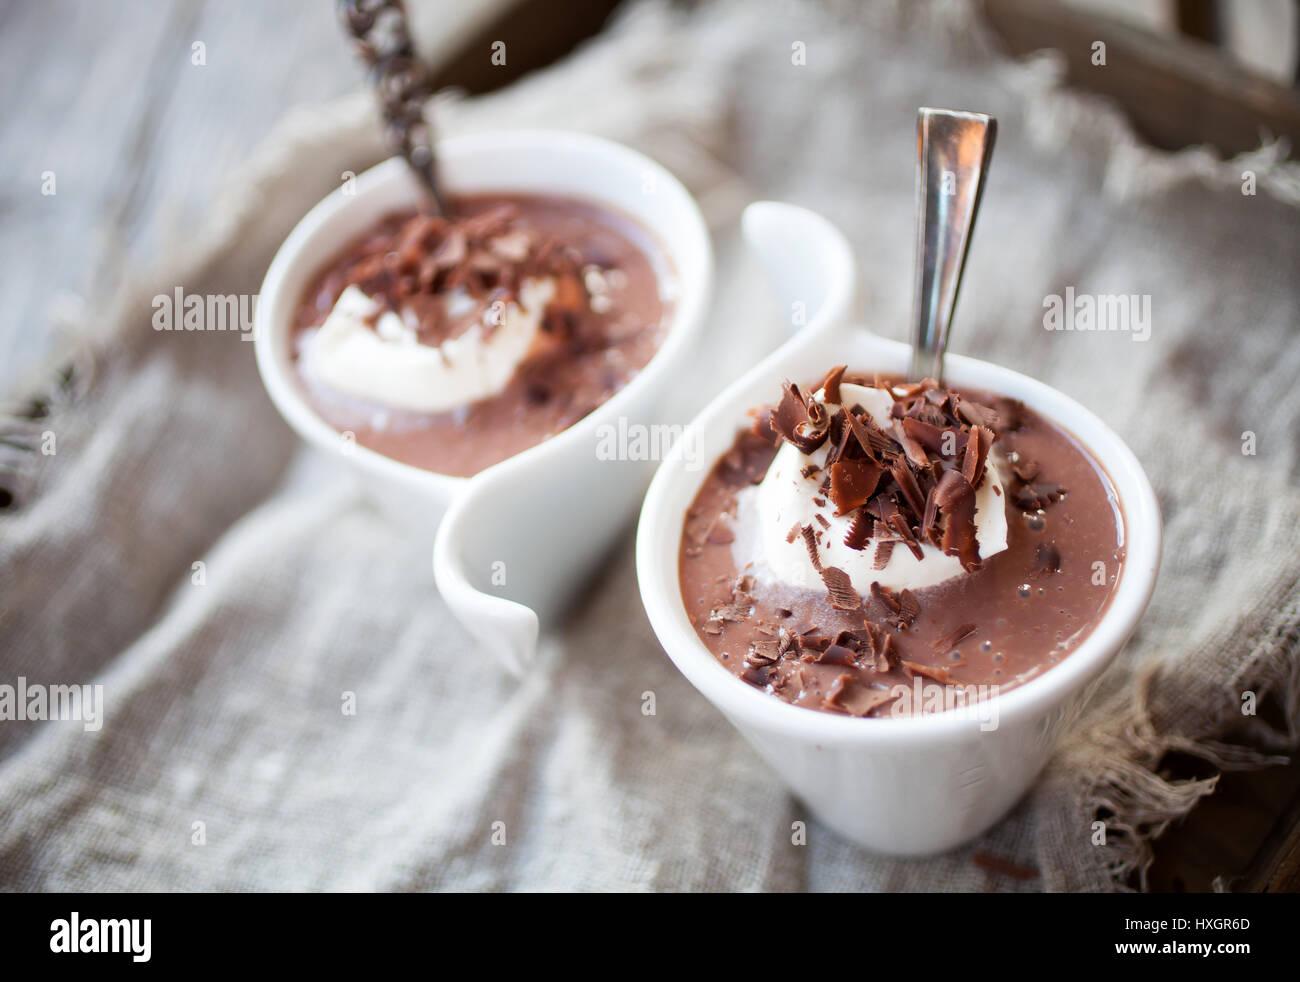 Pudding au chocolat avec crème fouettée et de chocolat Banque D'Images